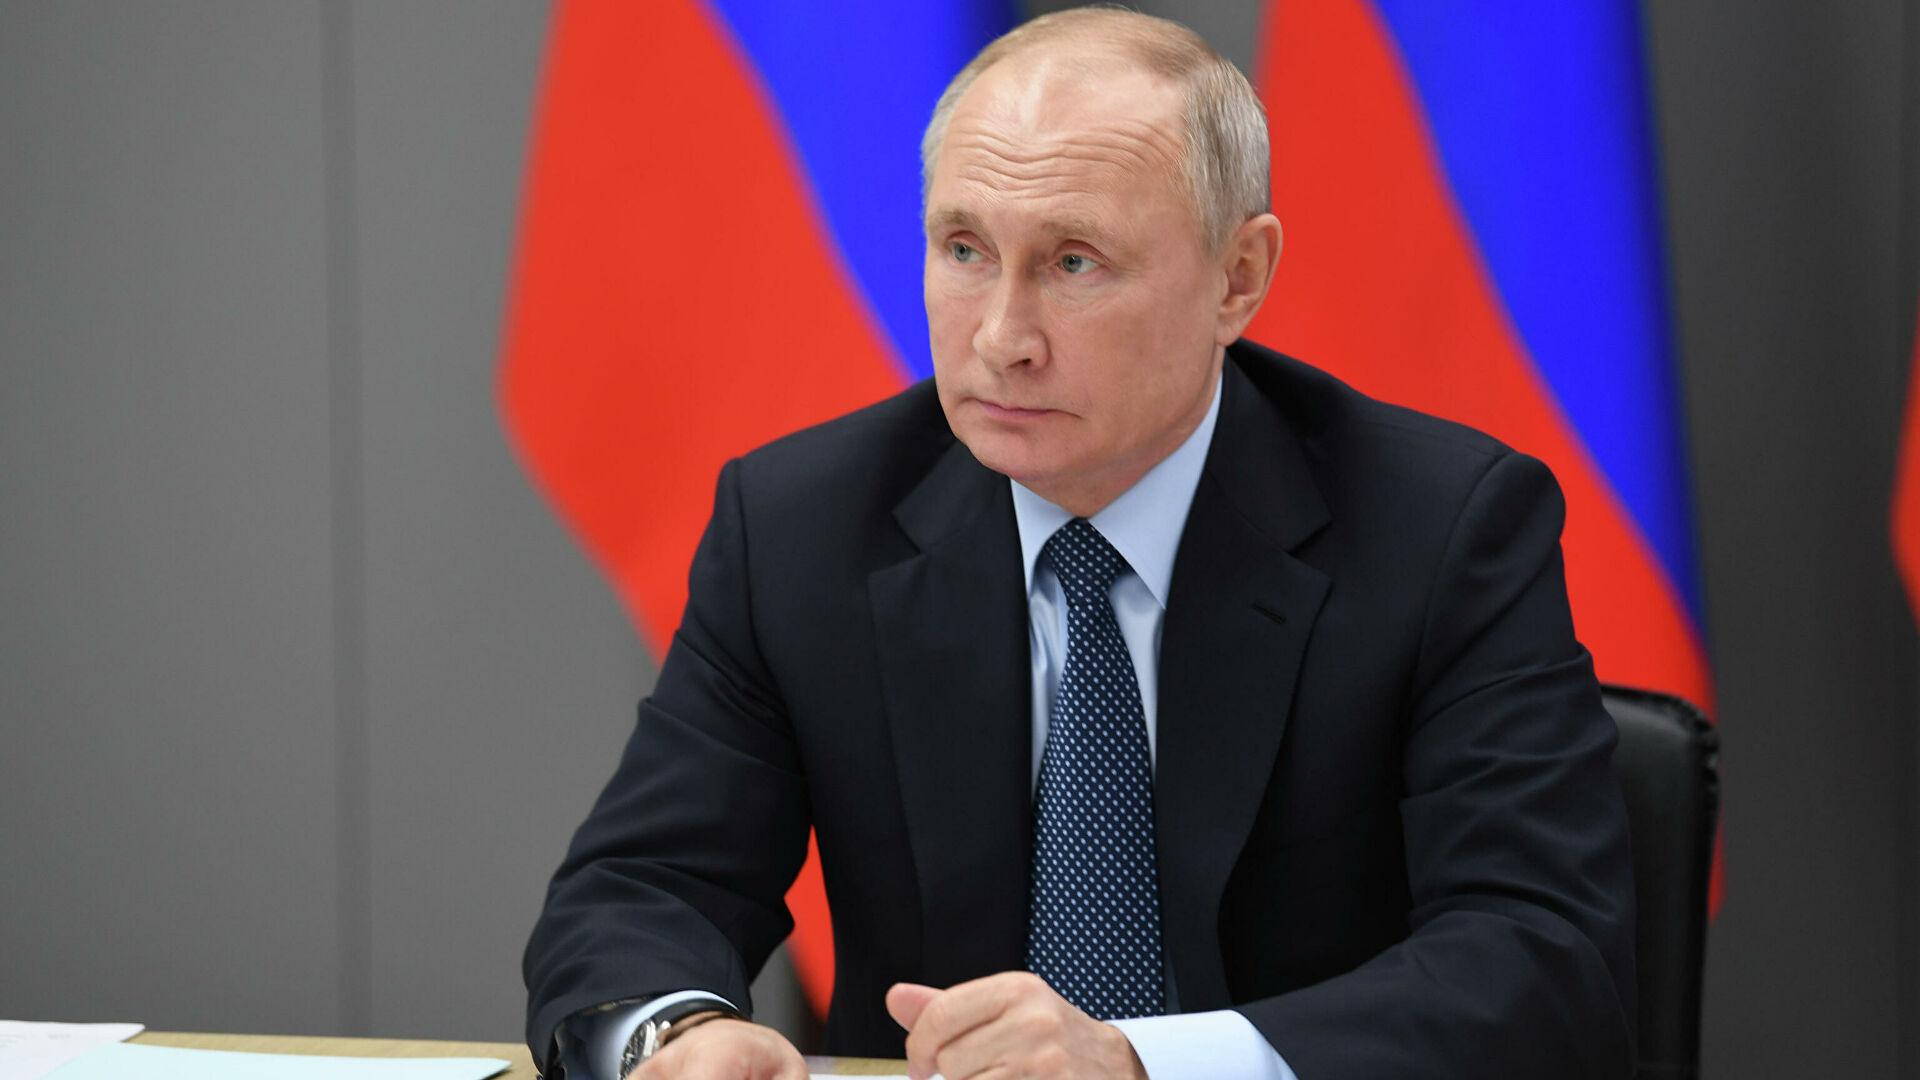 Putin: Događaji u Belorusiji, Nagorno-Karabahu i Kirgistanu zakomplikovali situaciju na prostoru ODKB-a